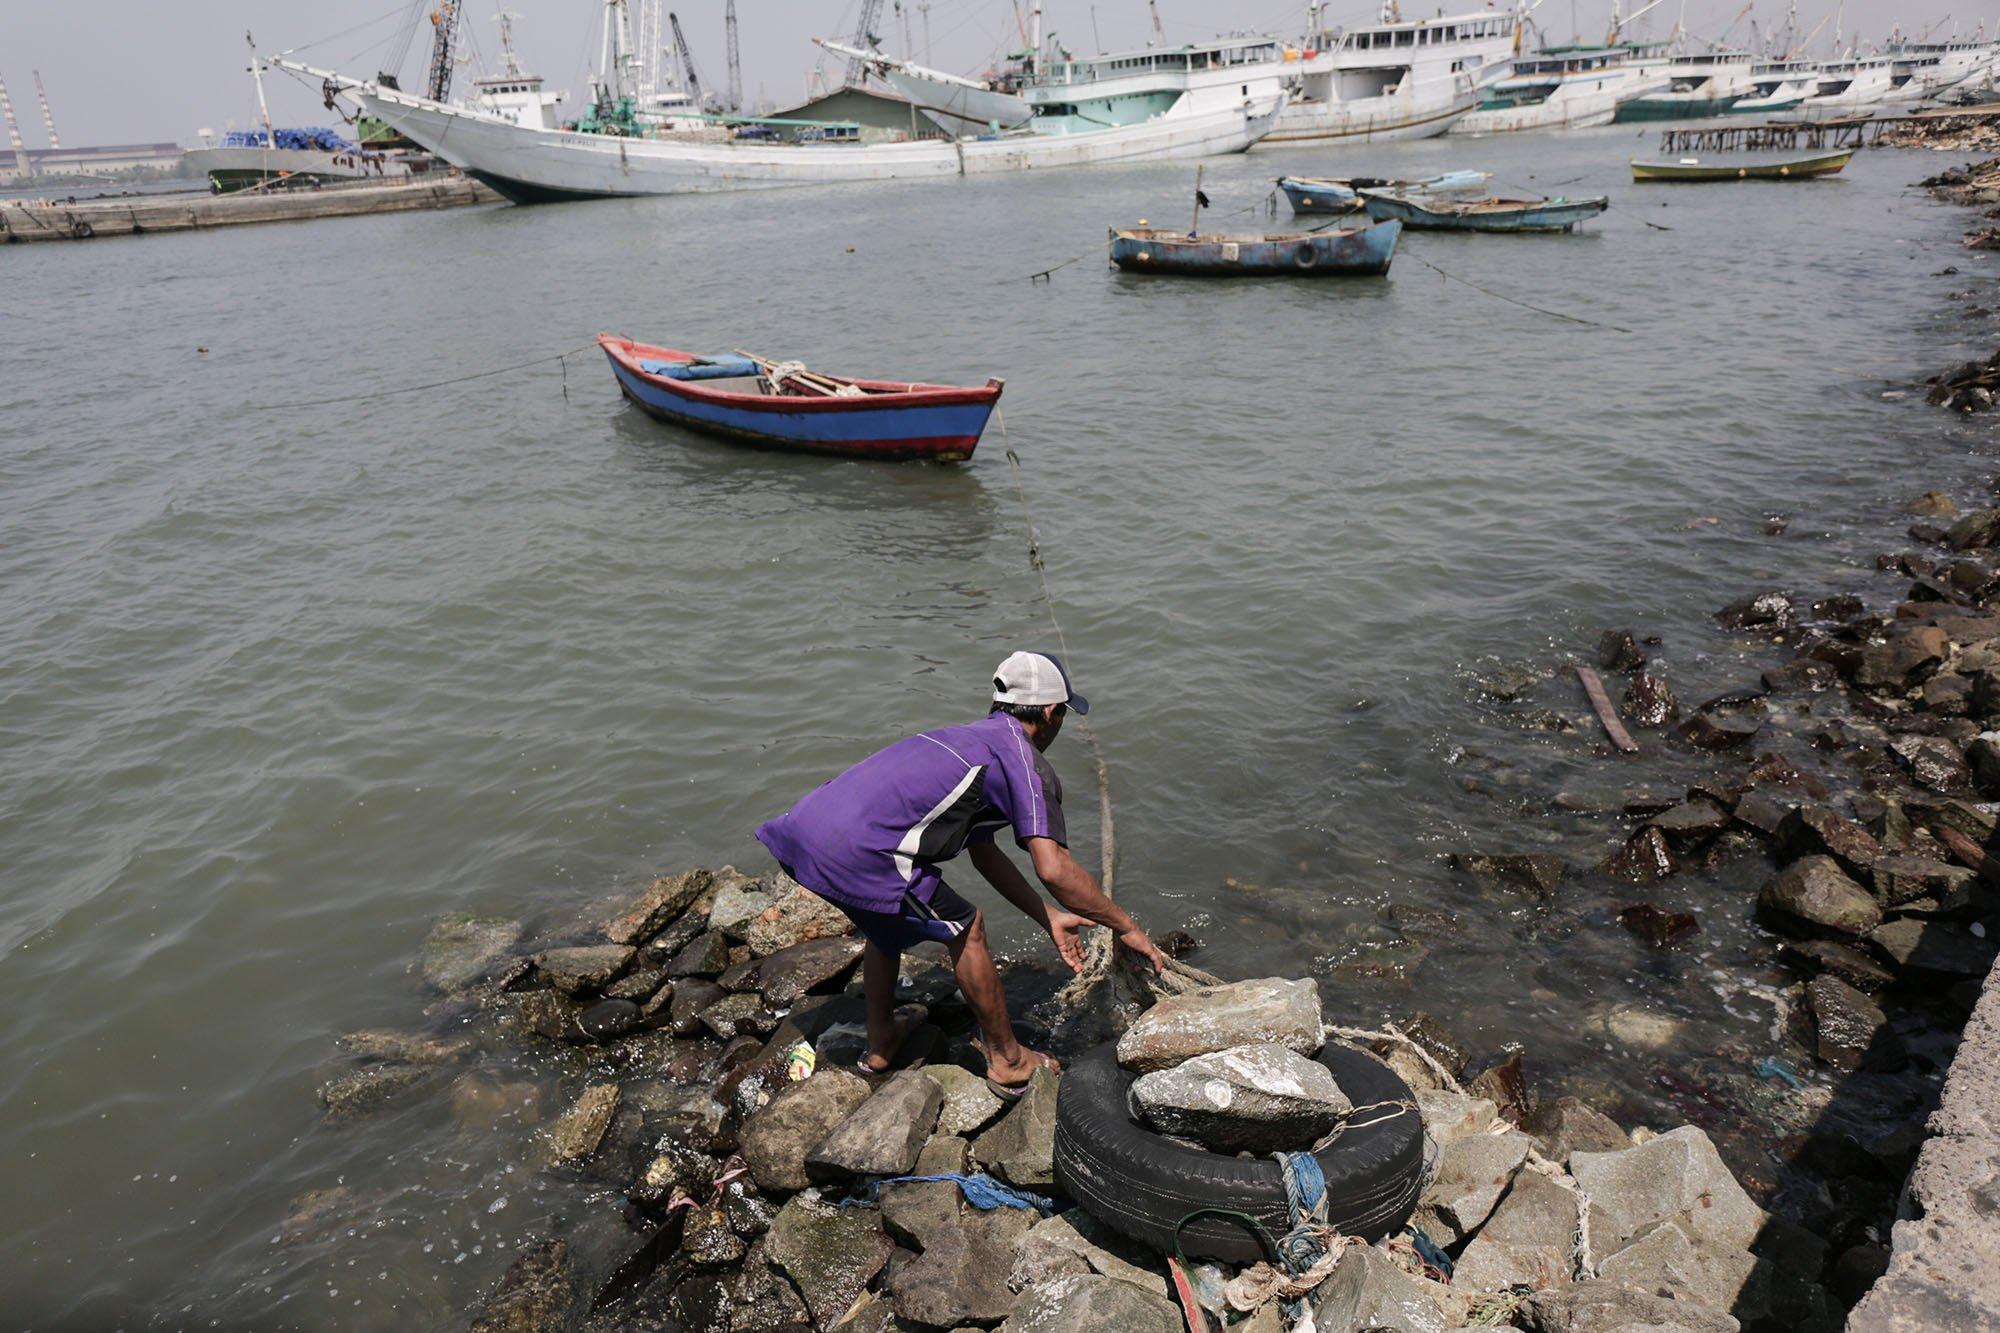 Wahyu (48) menarik kapalnya di Pantai Muara Baru, Jakarta Utara (11/9).